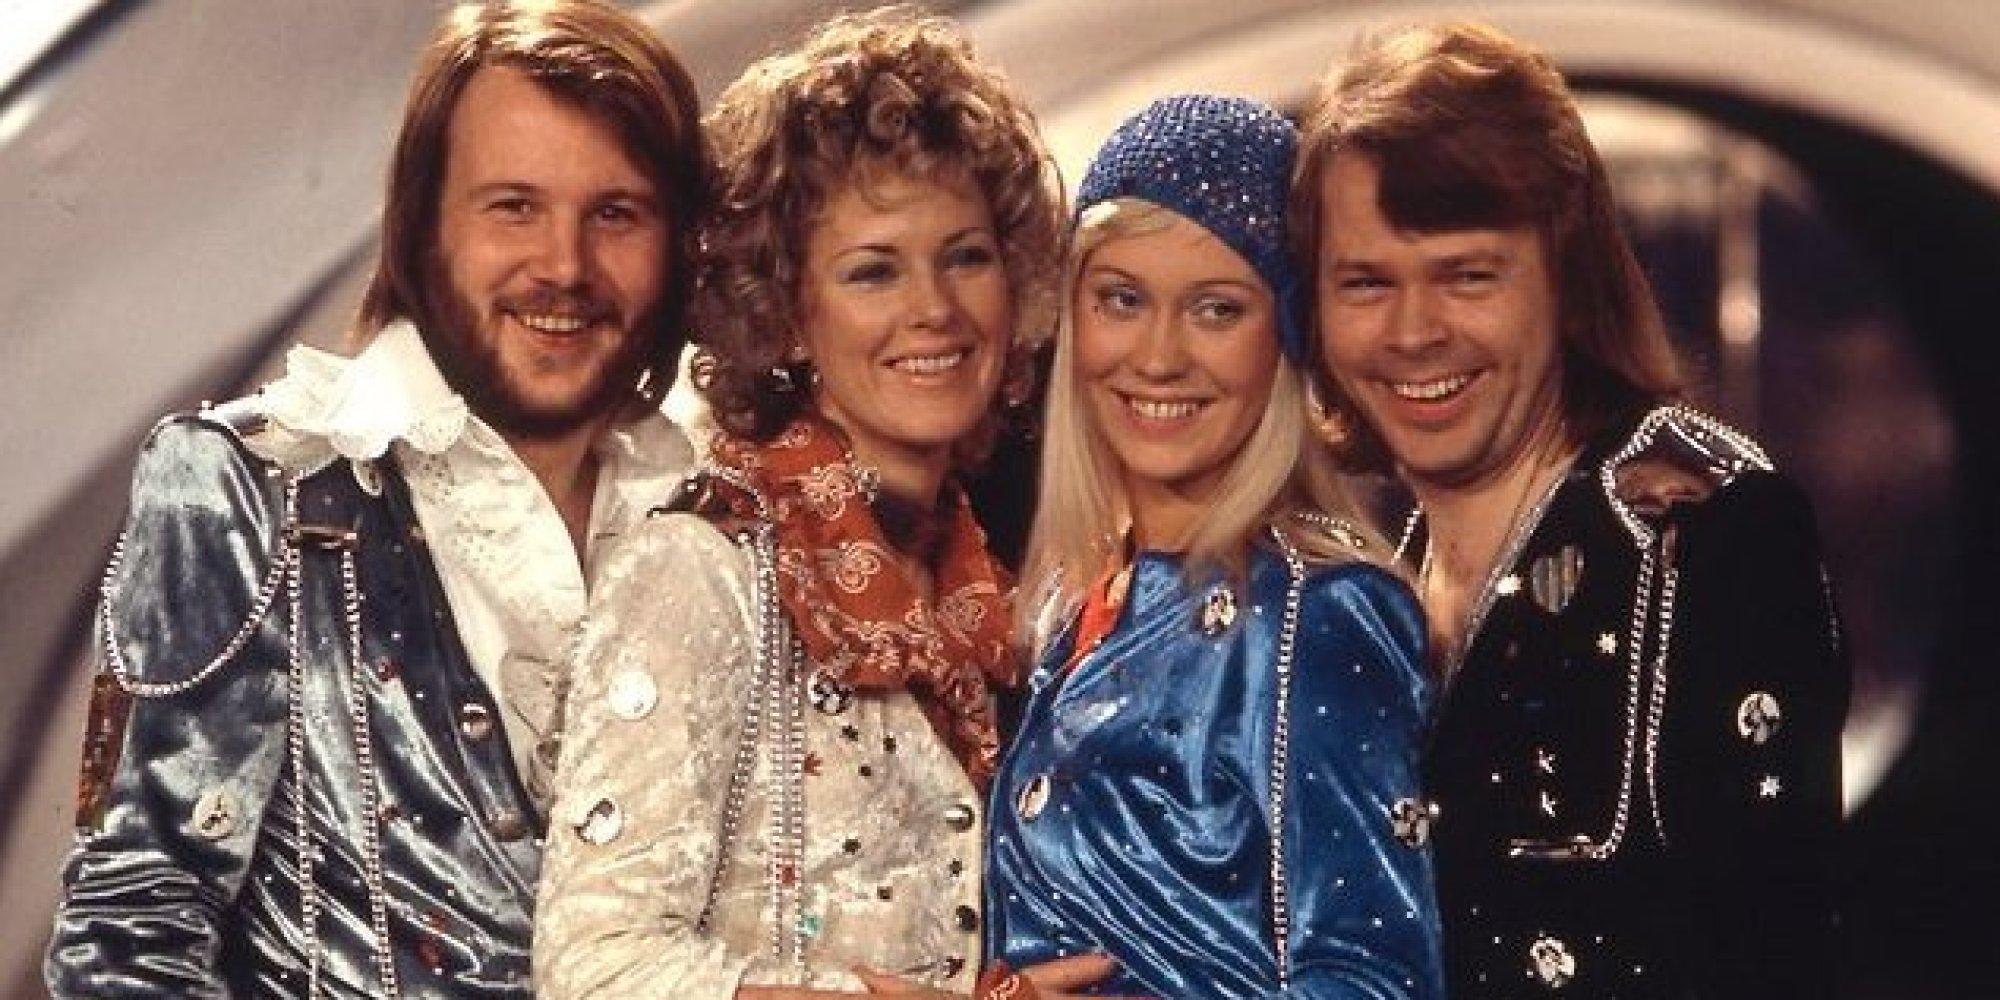 The little winner of Eurovision was named Pugacheva 03.12.2012 56